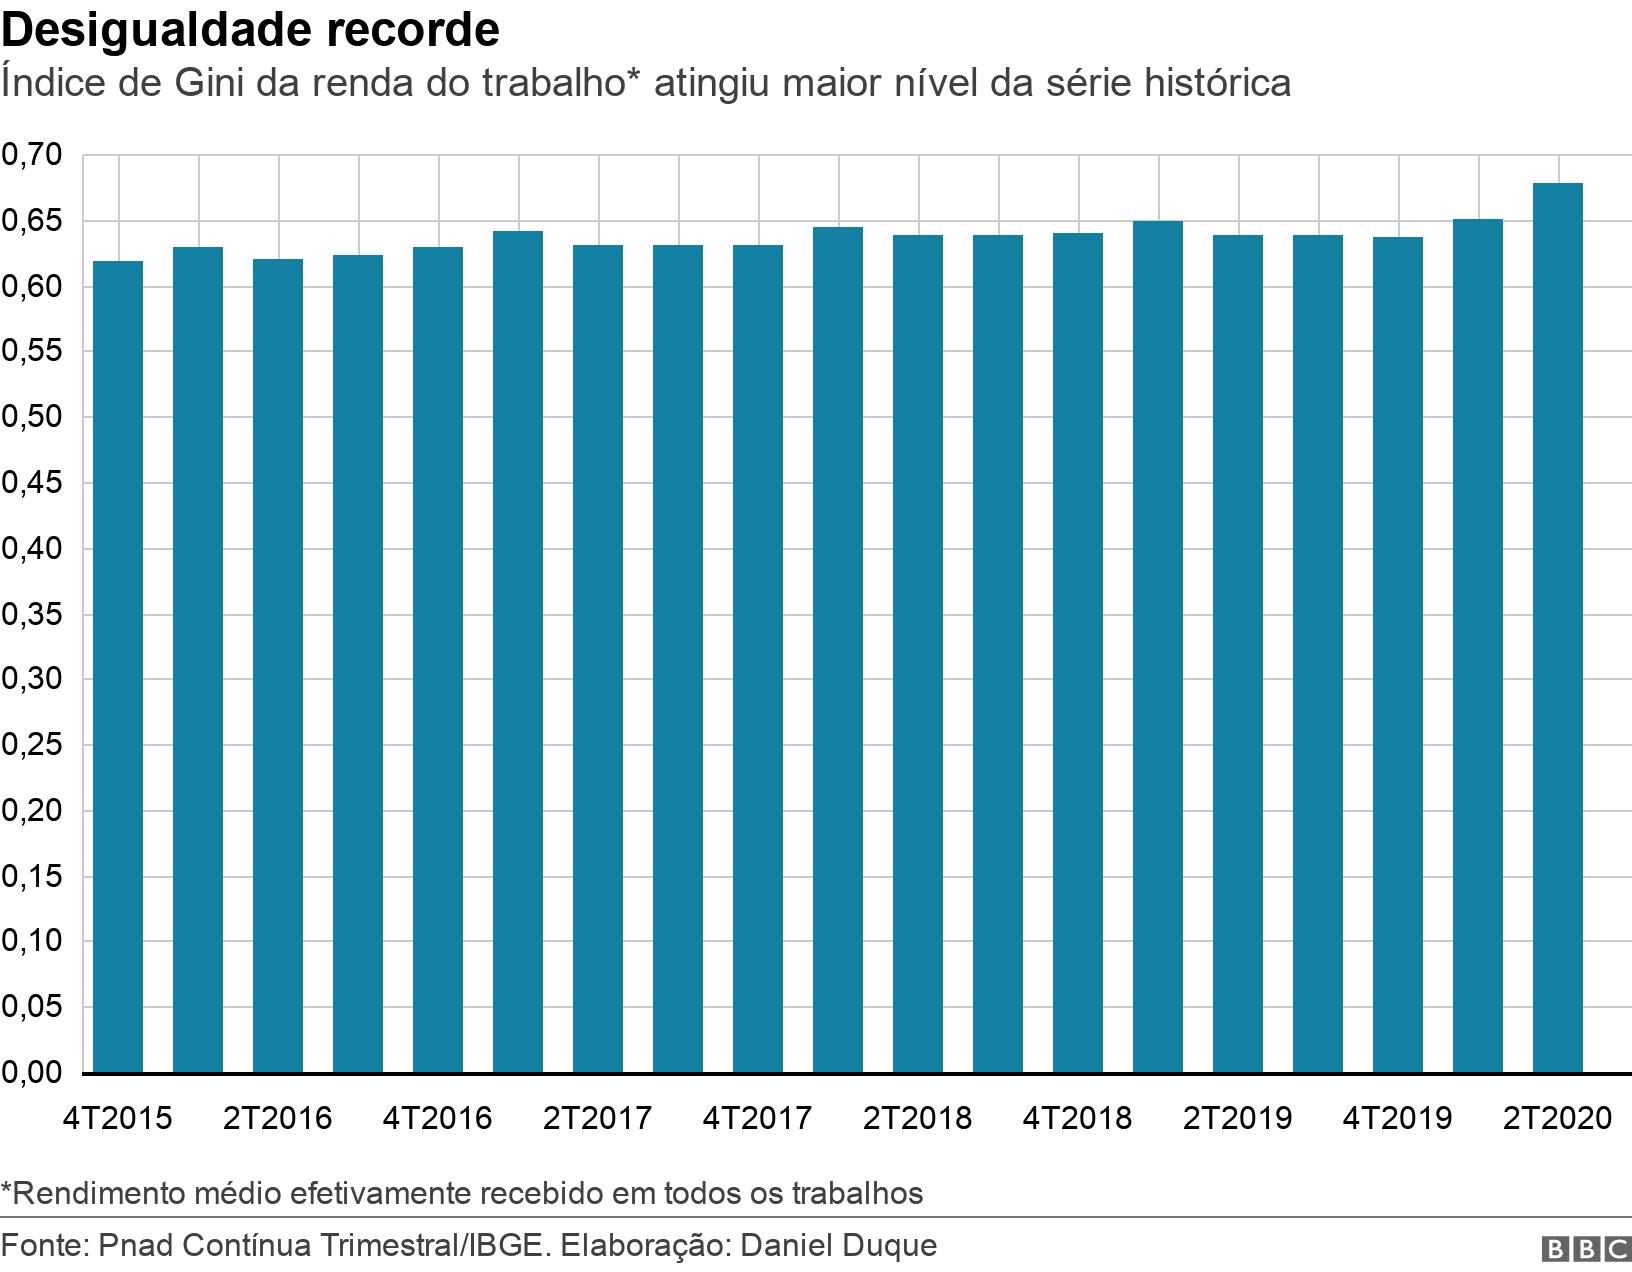 Desigualdade recorde. Índice de Gini da renda do trabalho* atingiu maior nível da série histórica.  *Rendimento médio efetivamente recebido em todos os trabalhos.